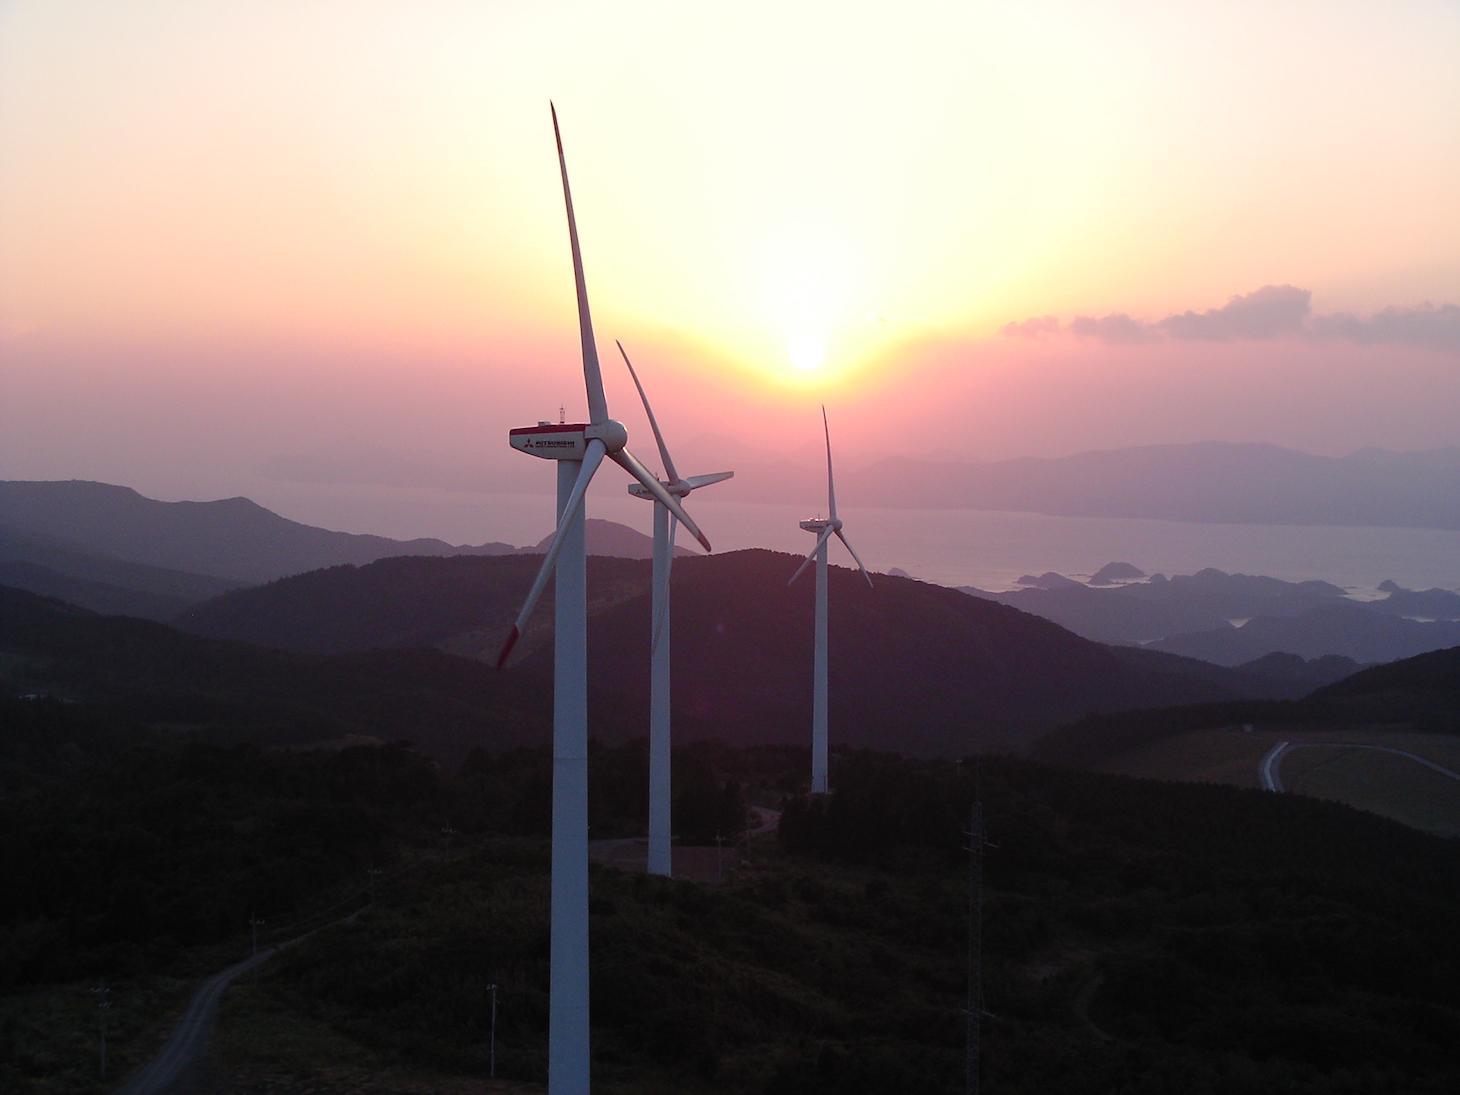 夕焼けをバックに空撮された風車発電機